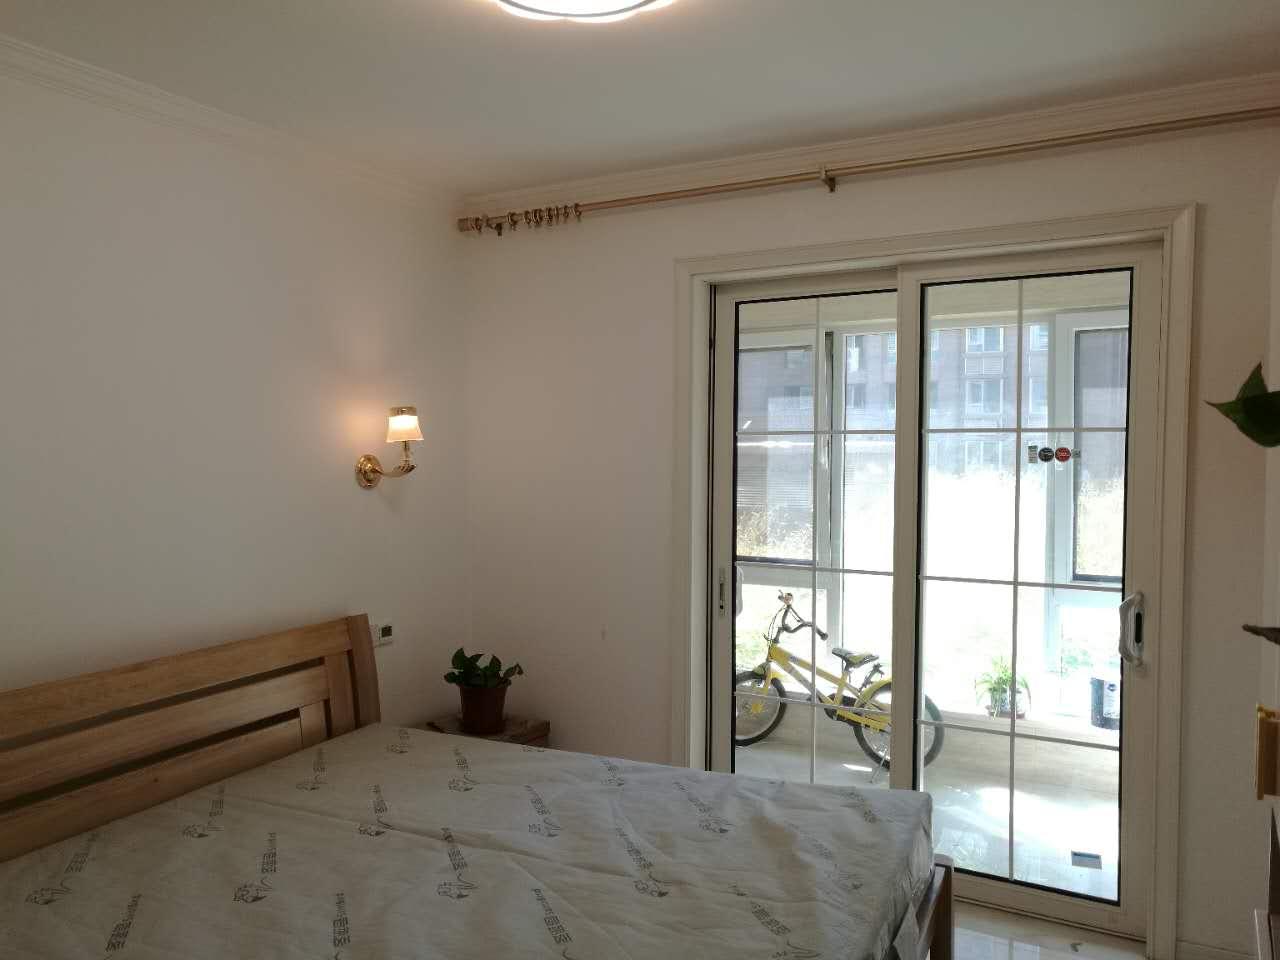 卧室的搭配干净简单,选用原木色的双人床和衣柜。阳台还可以打造成书房使用。